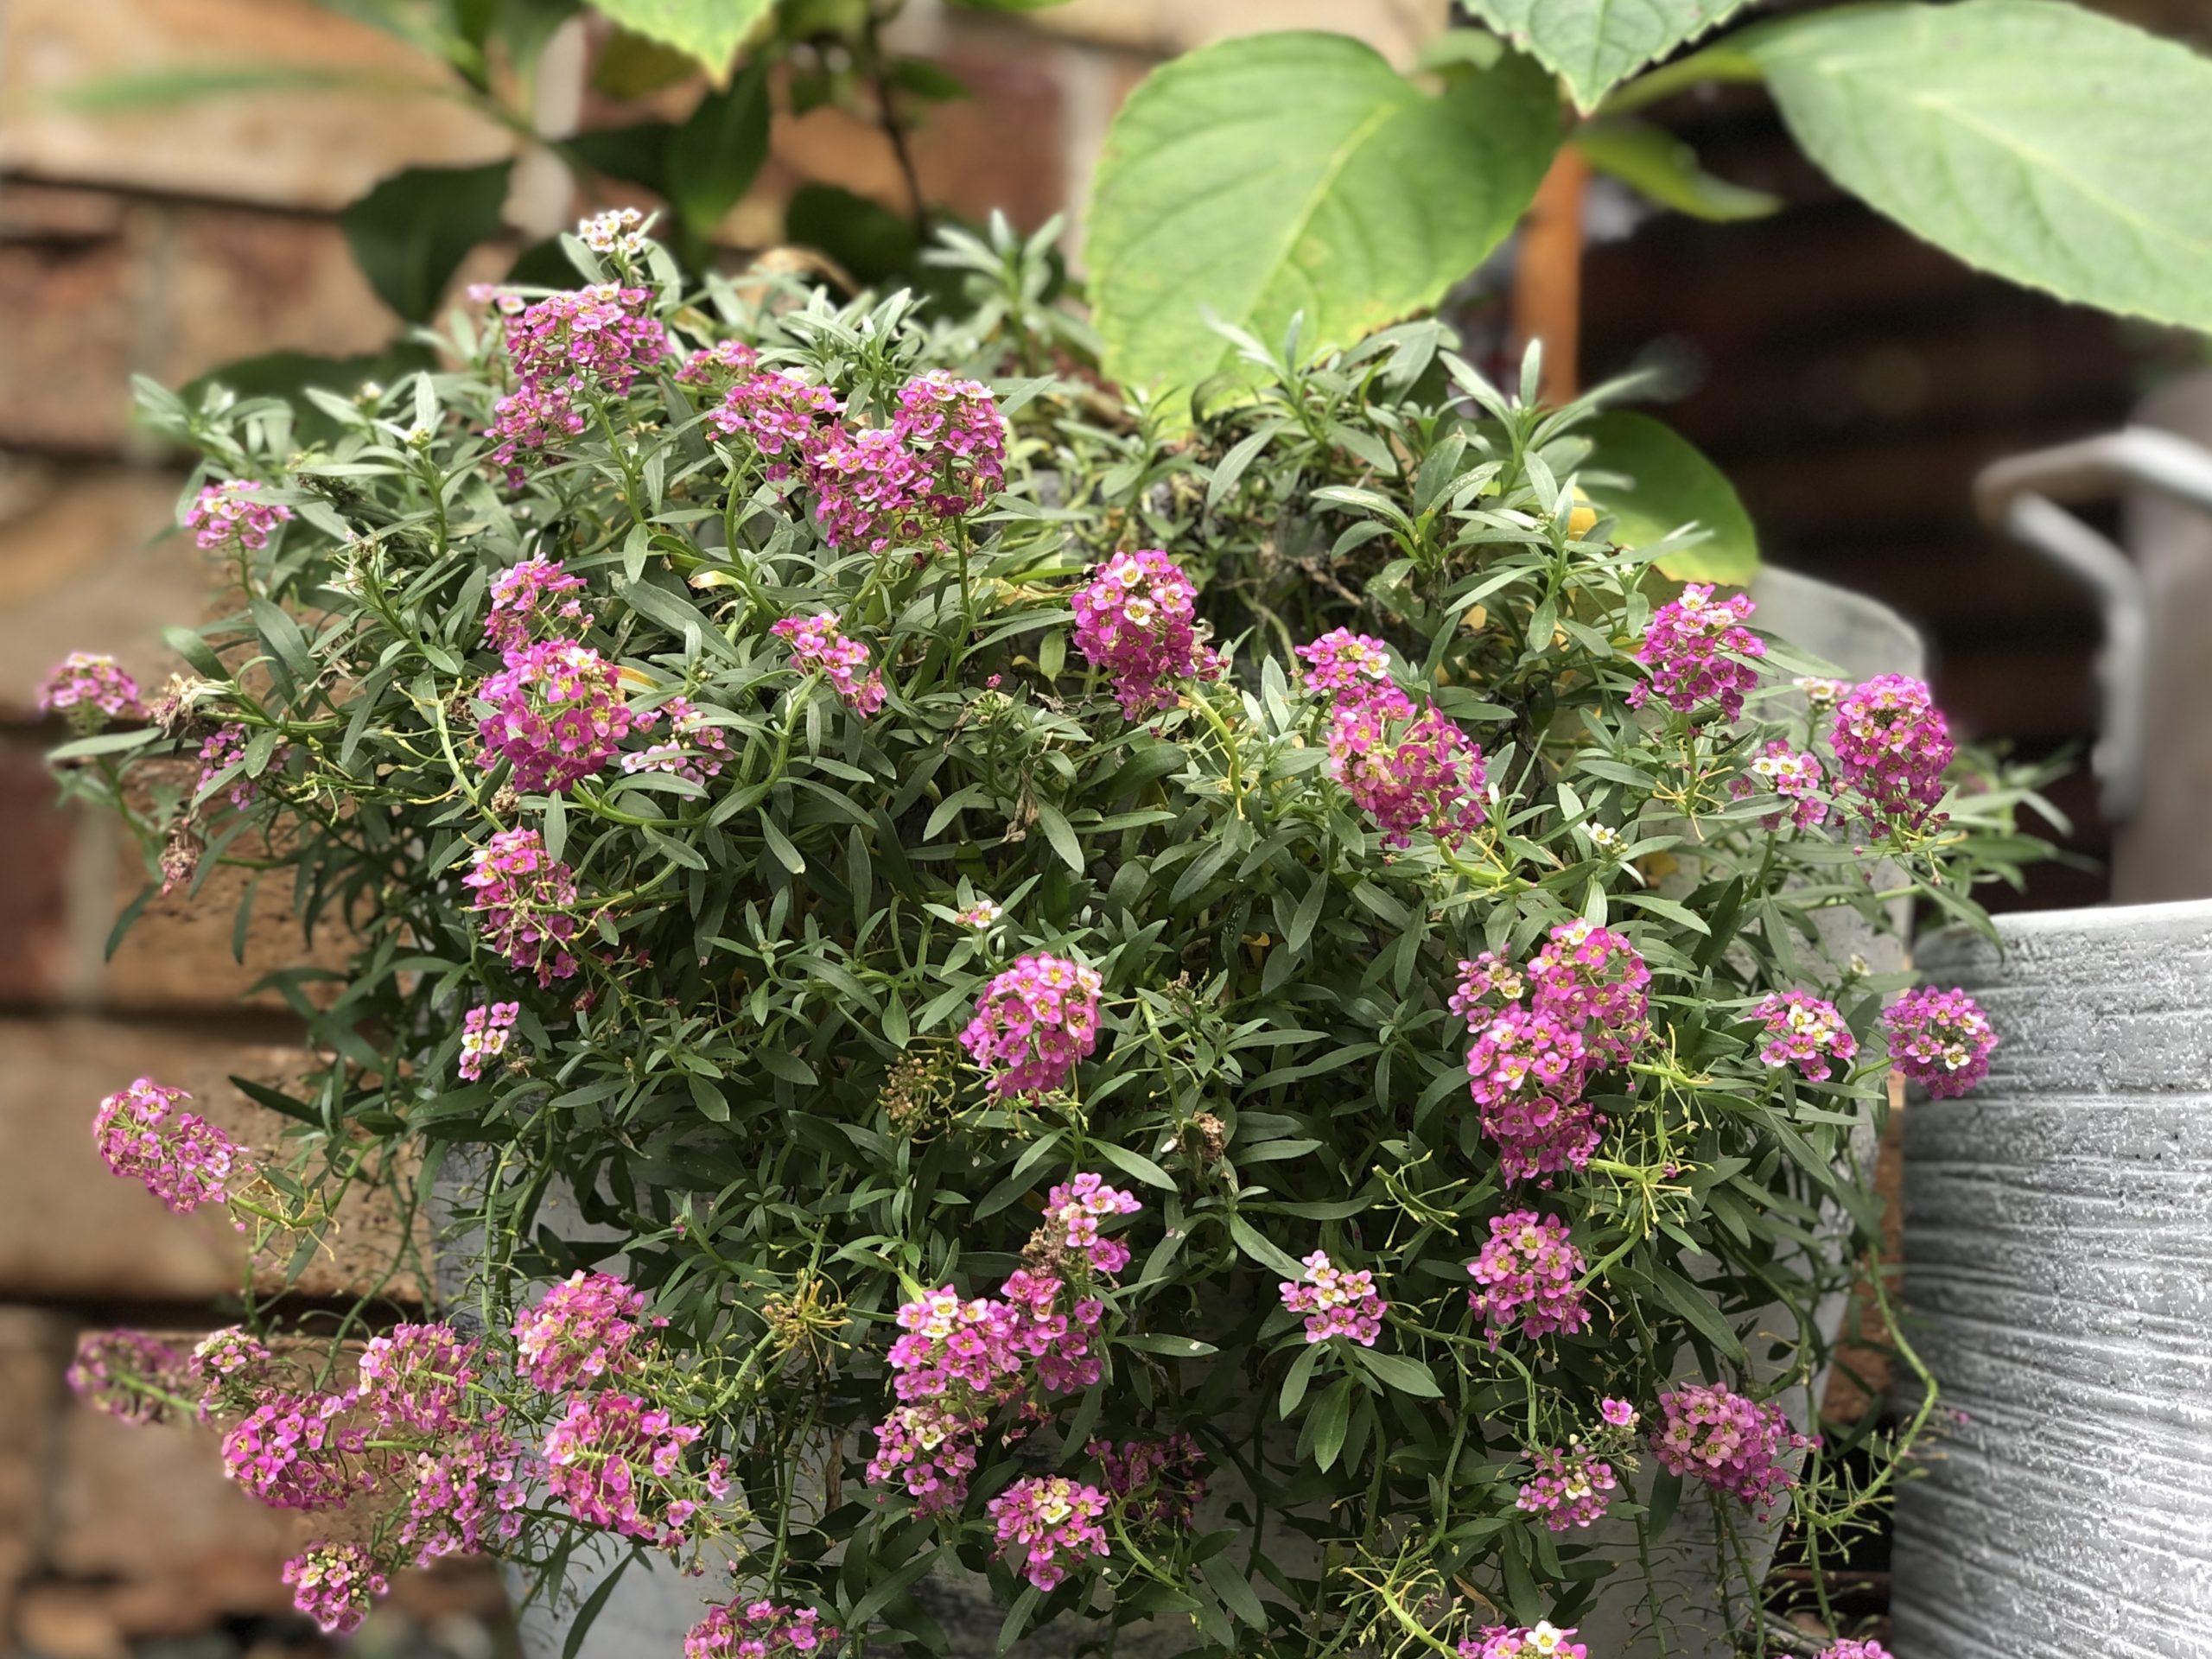 hydrangea and dwarf flowers